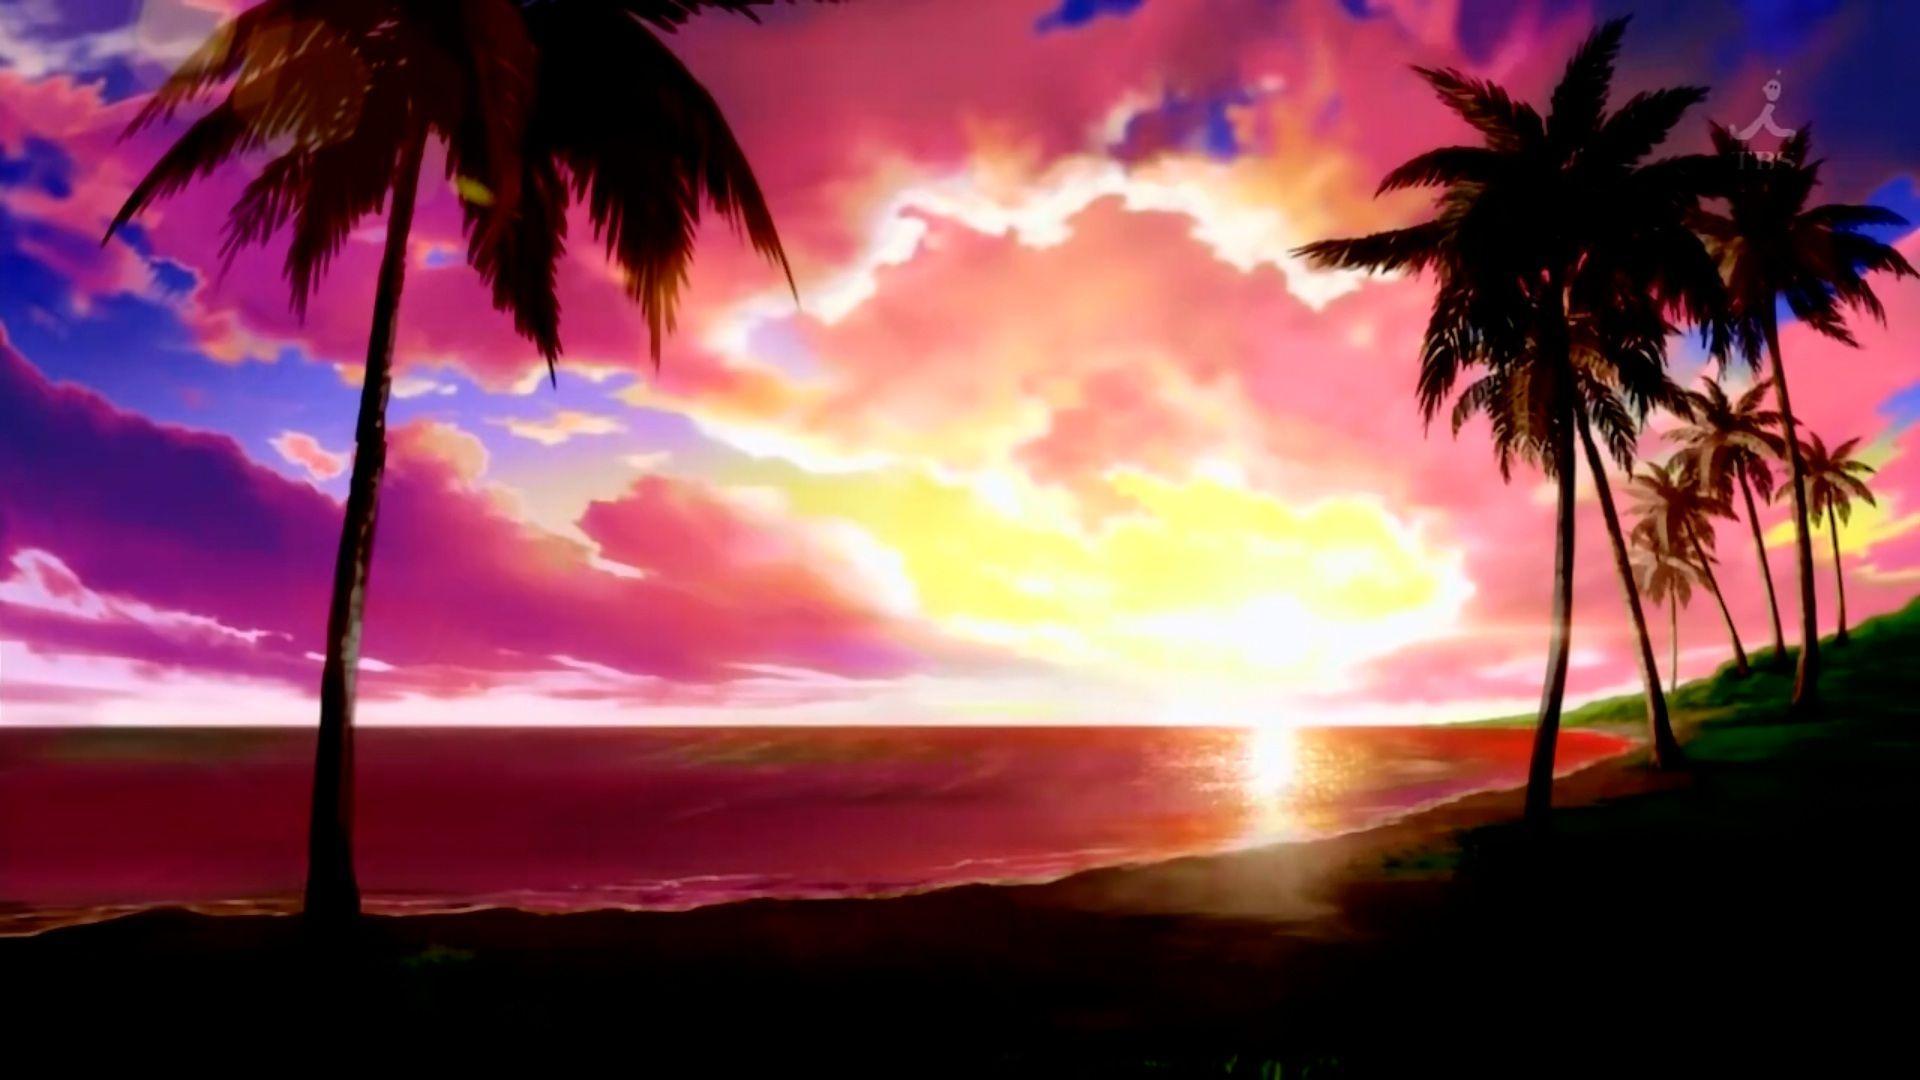 4k anime landscape wallpaper